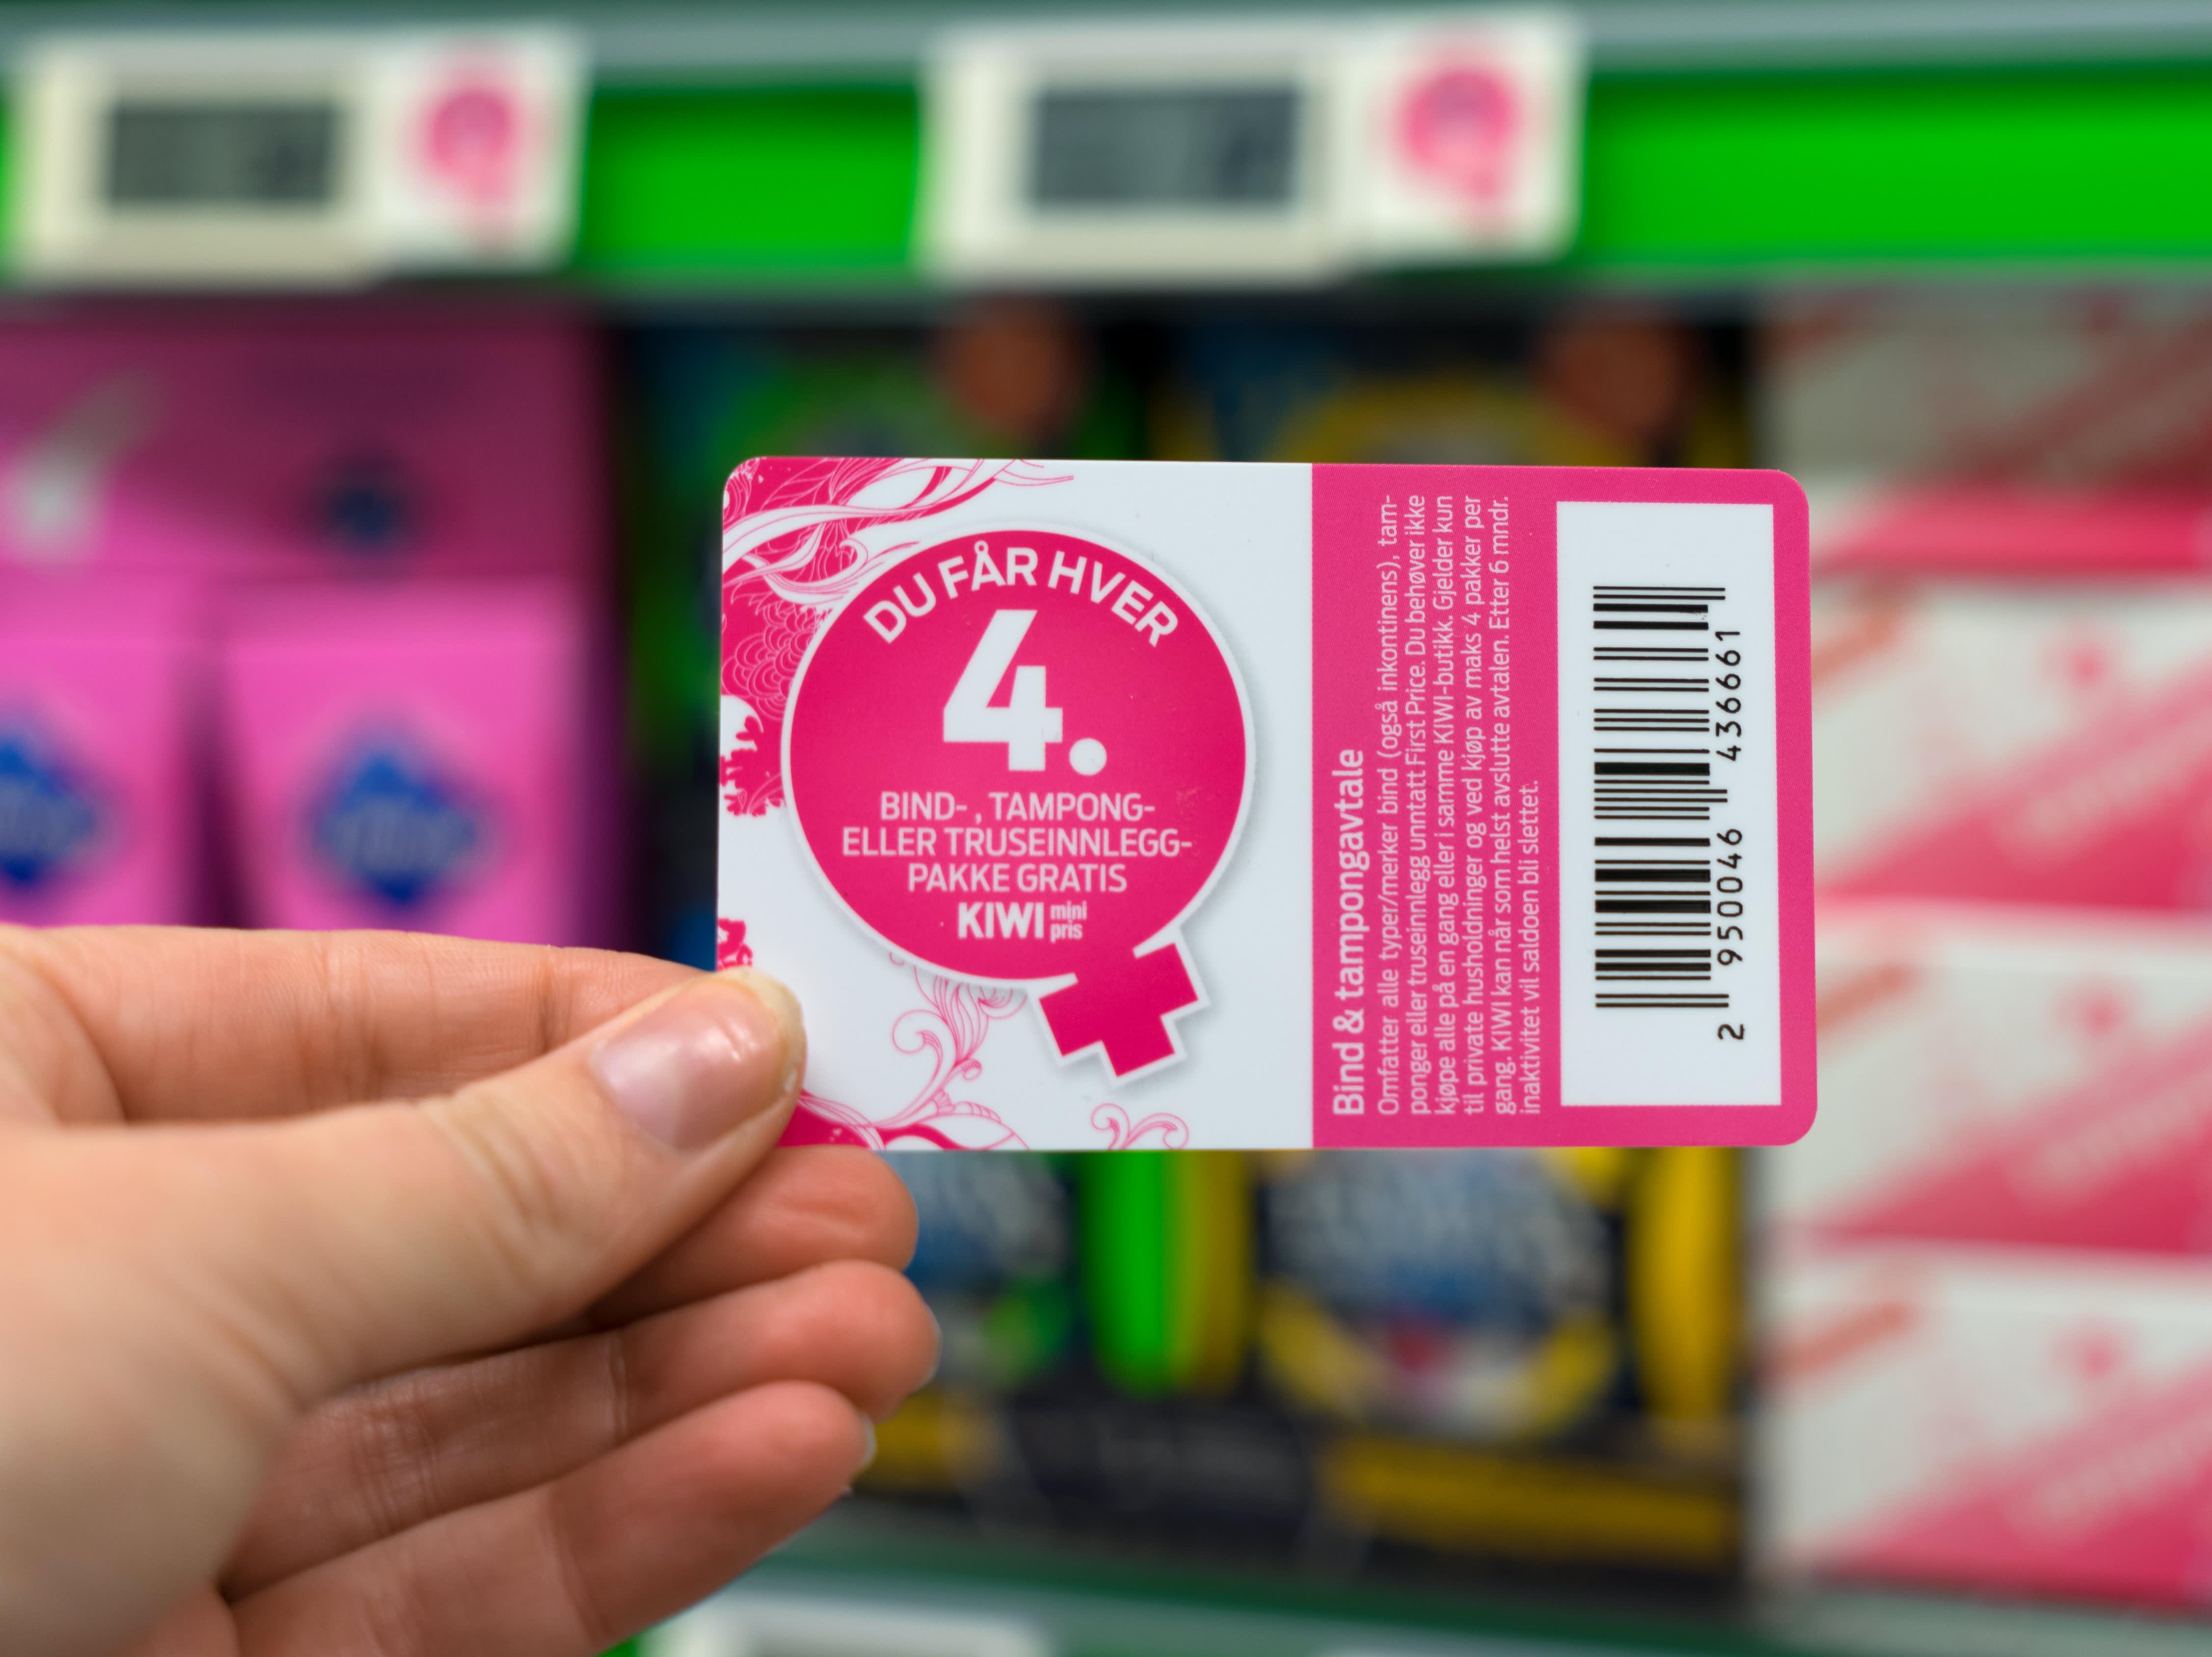 Be om B&T-kortet neste gang du handler.